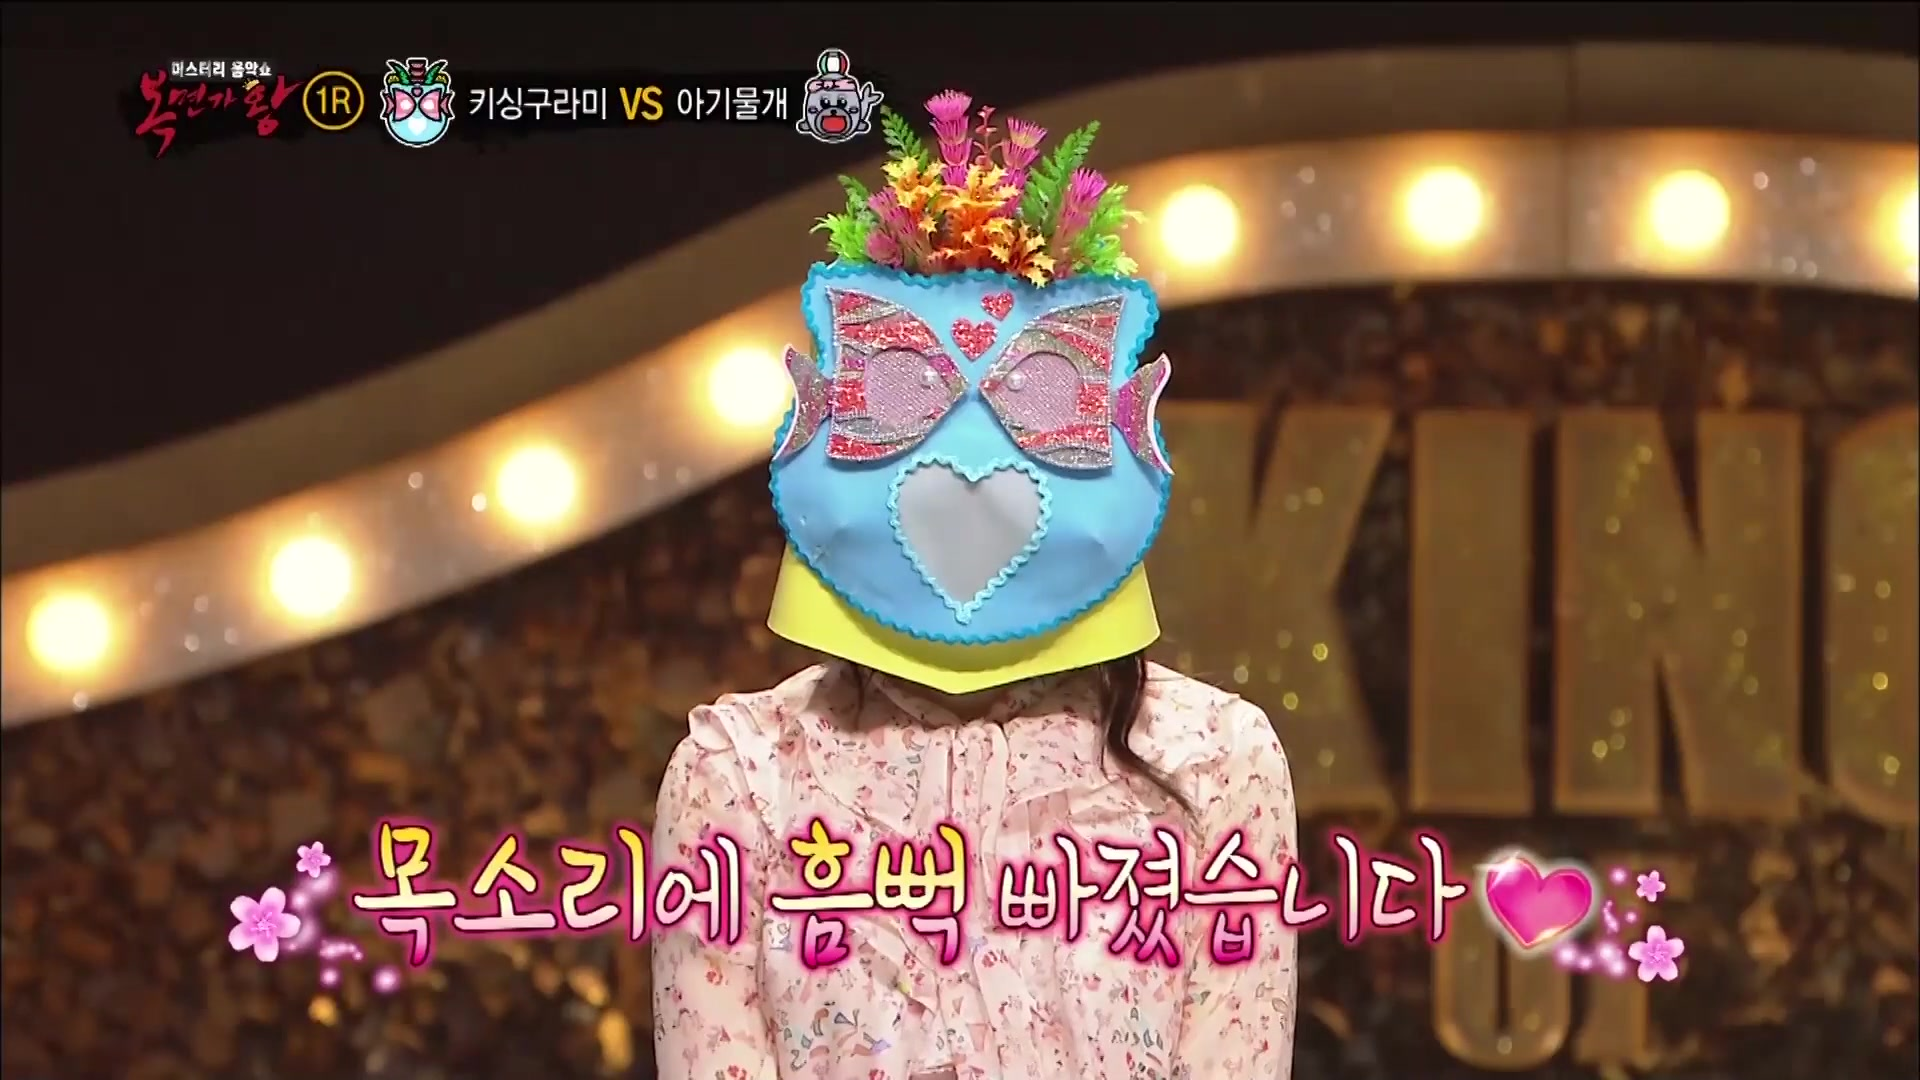 King of Masked Singer Episode 109